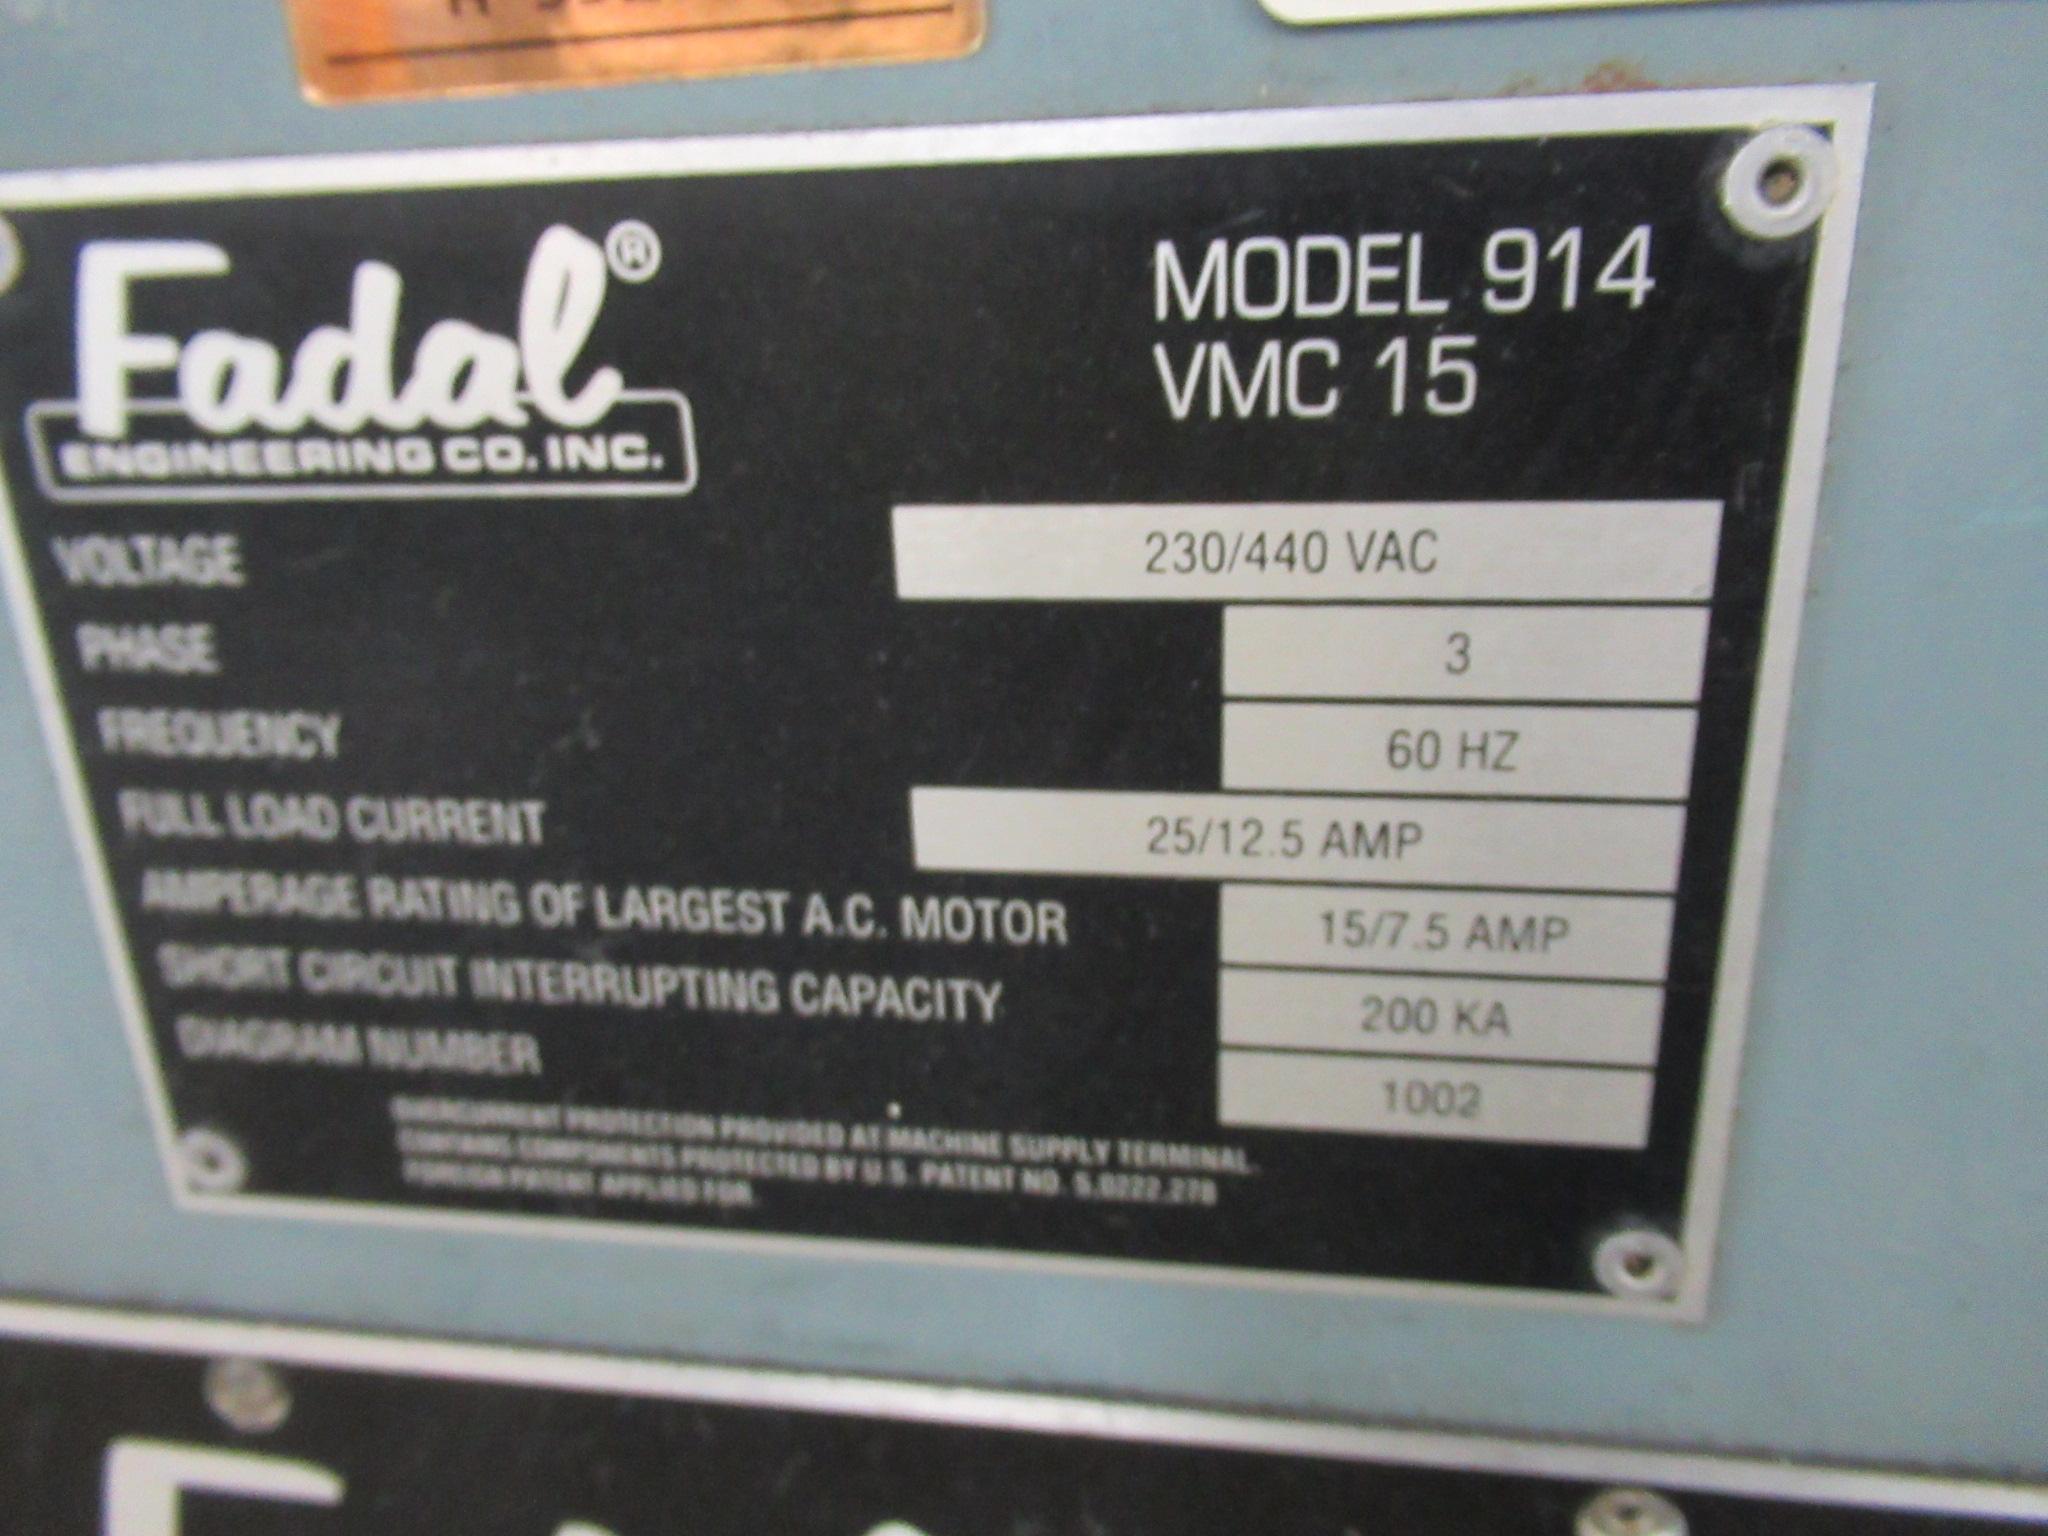 Fadal - VMC 15